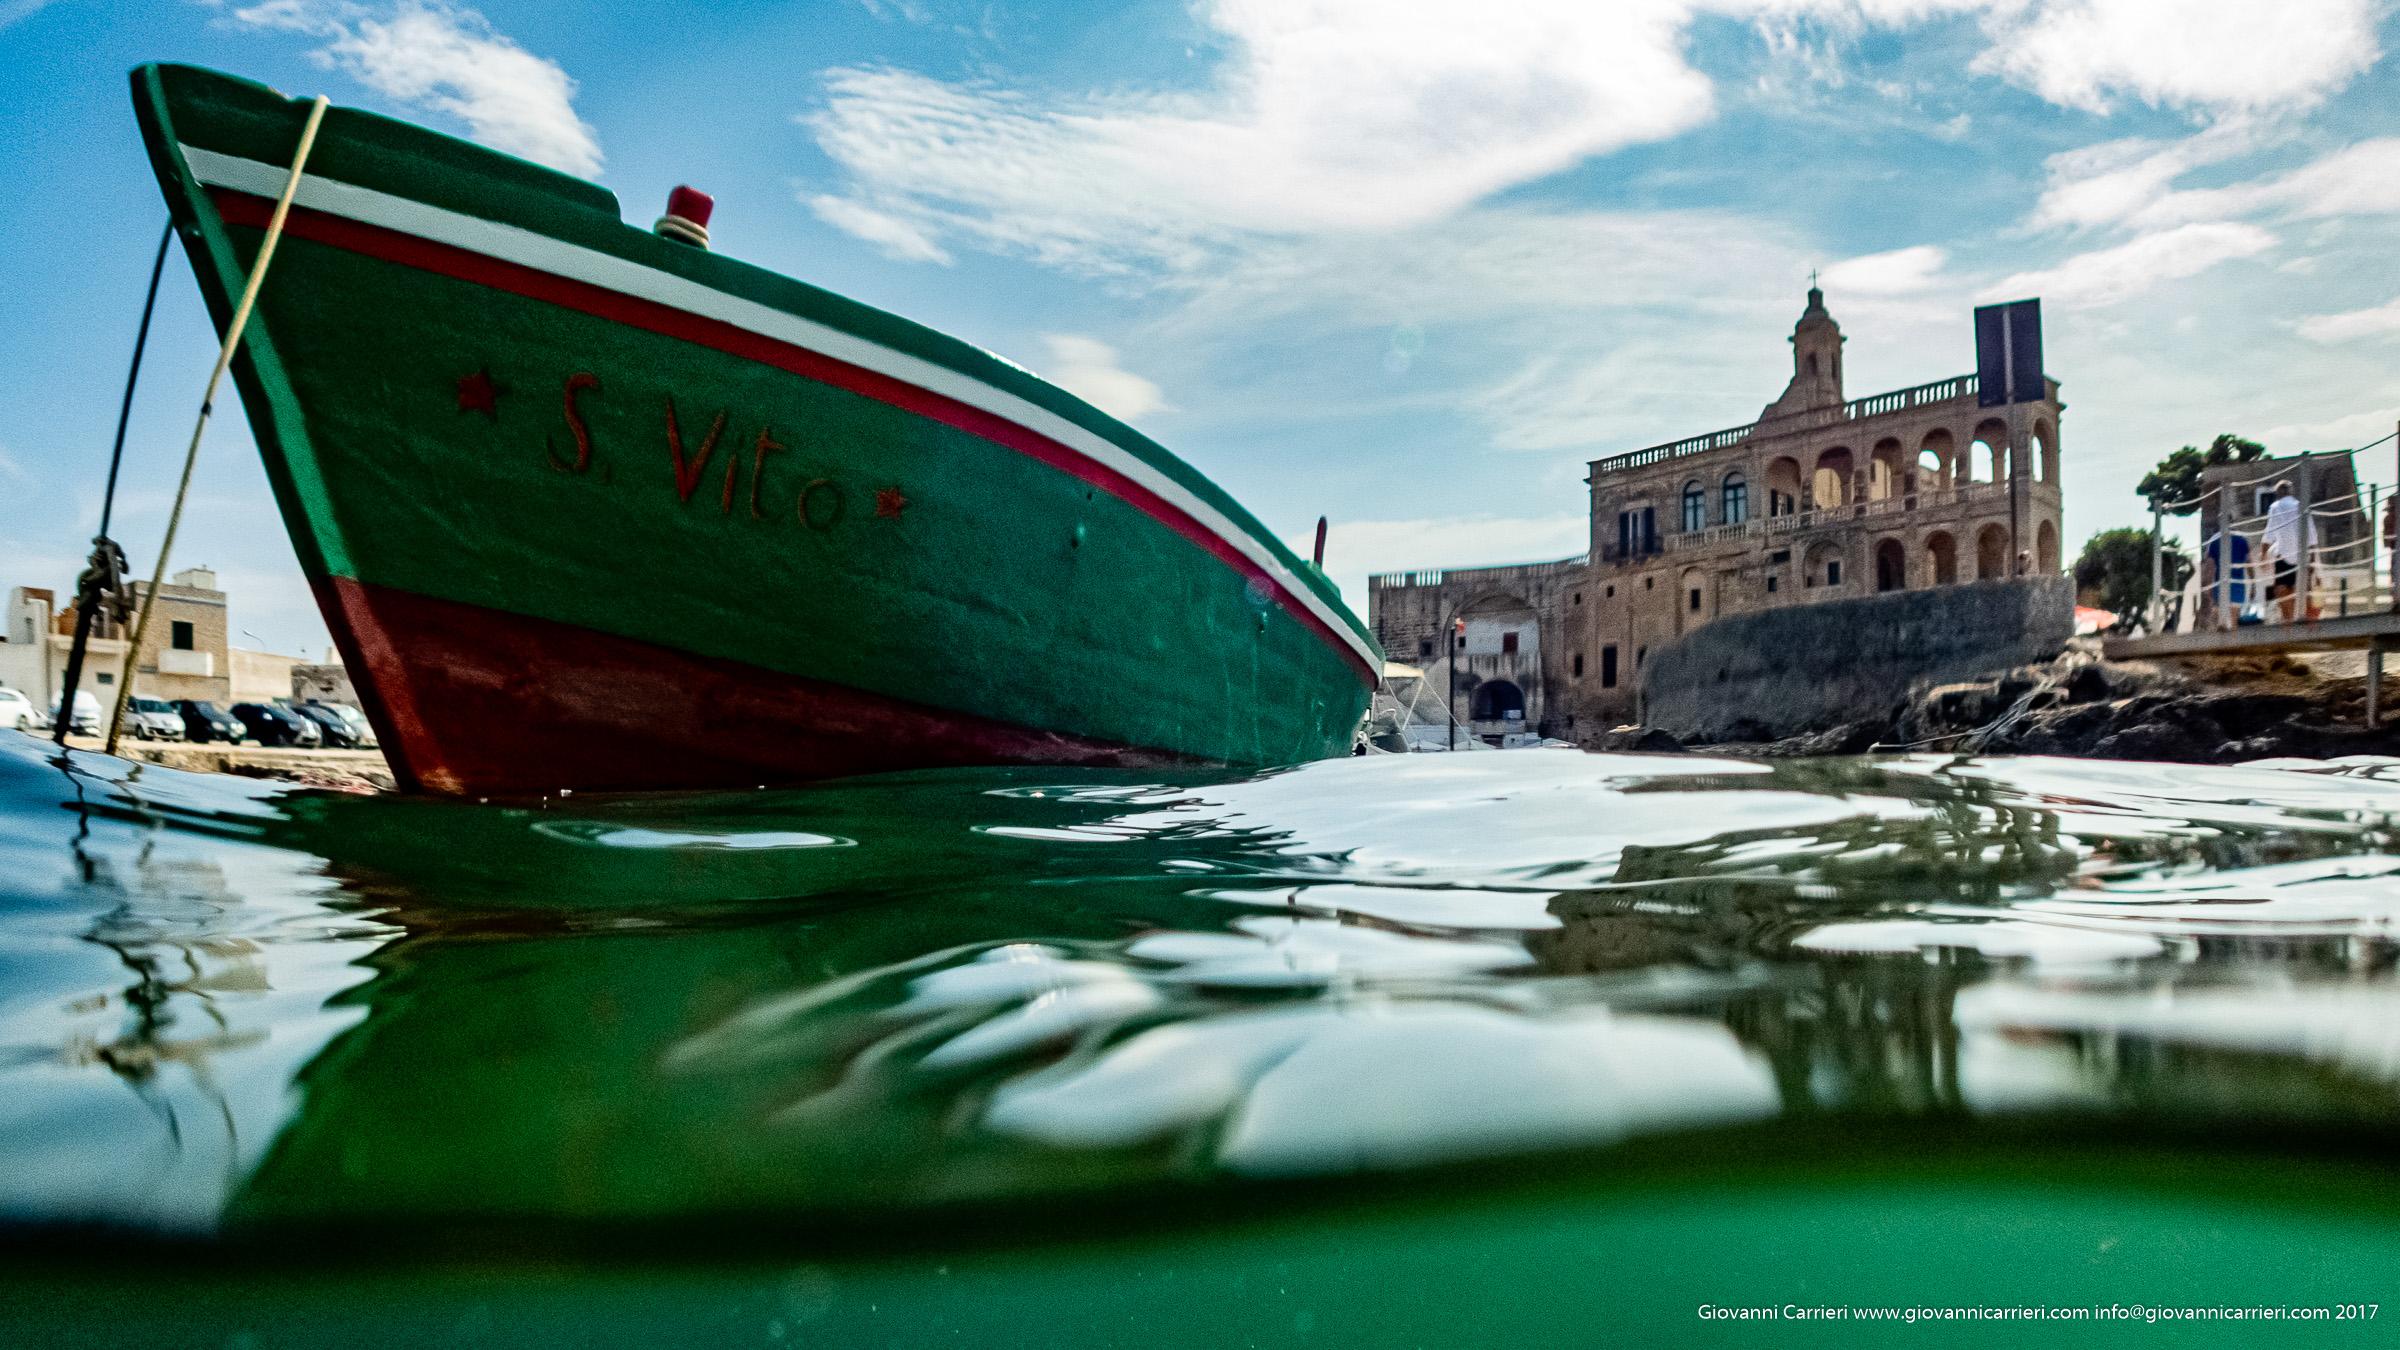 L'abbazia di San Vito Martire nella frazione di Polignano a Mare